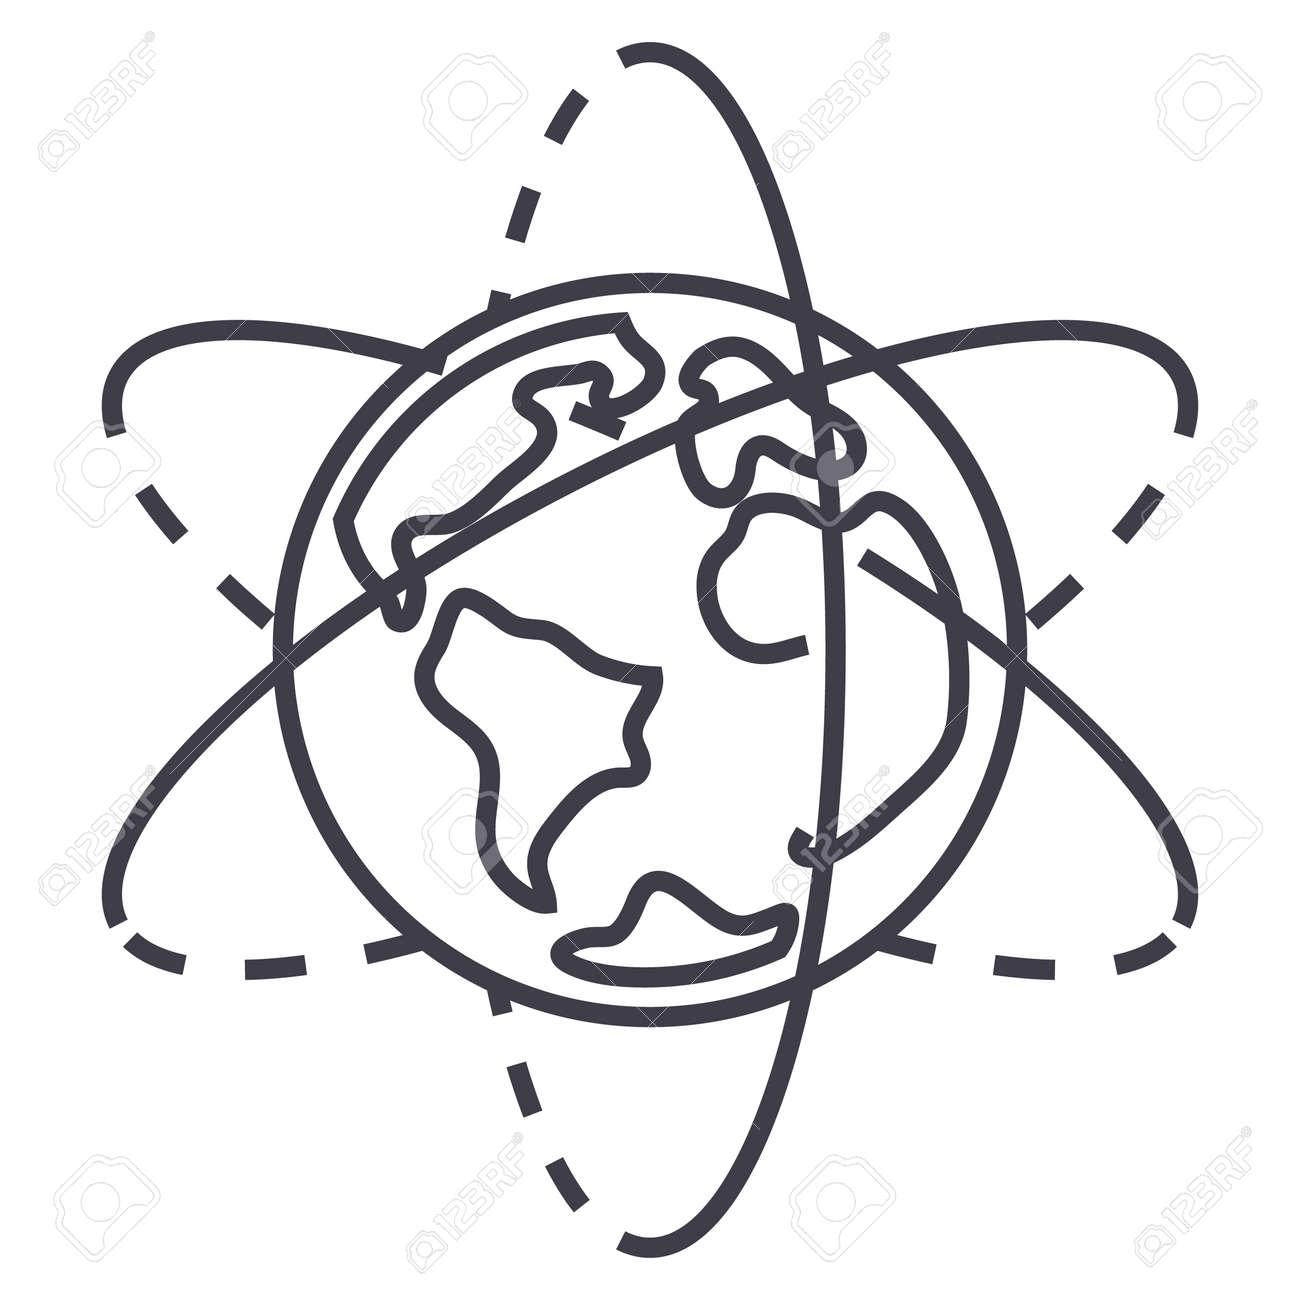 Ohr, Nase Und Hals, Ent Vektor-Linie-Symbol, Zeichen, Illustration ...